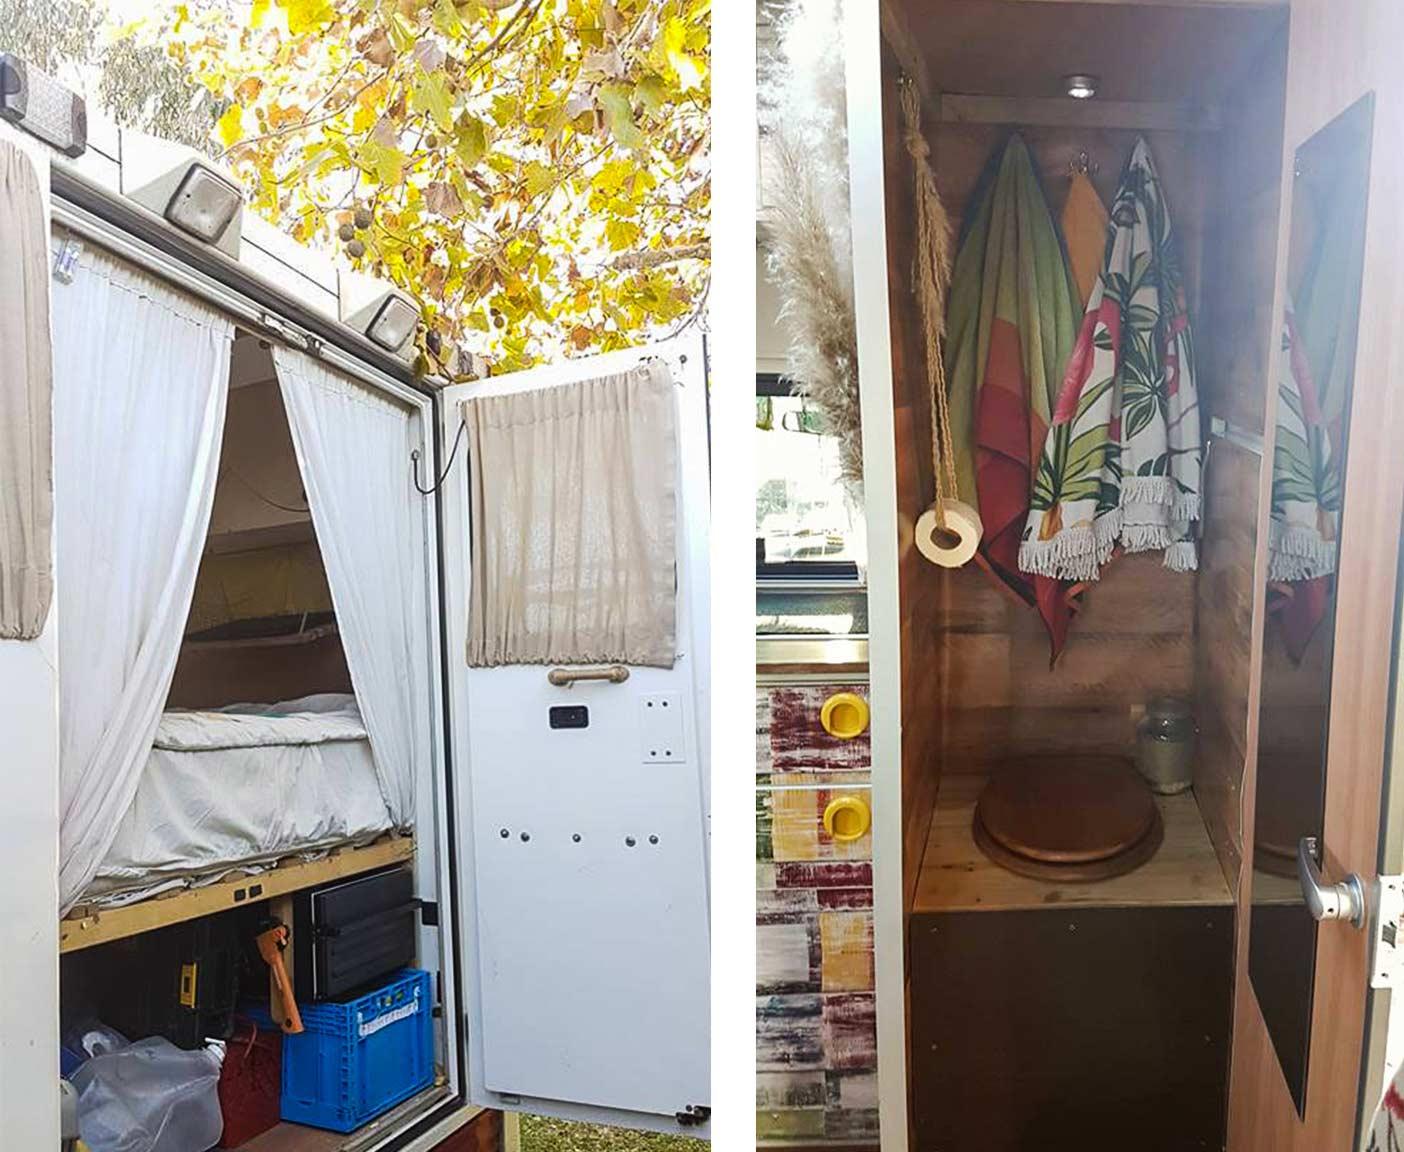 sprinter wohnmobil selbstausbau der sprinter als basis. Black Bedroom Furniture Sets. Home Design Ideas